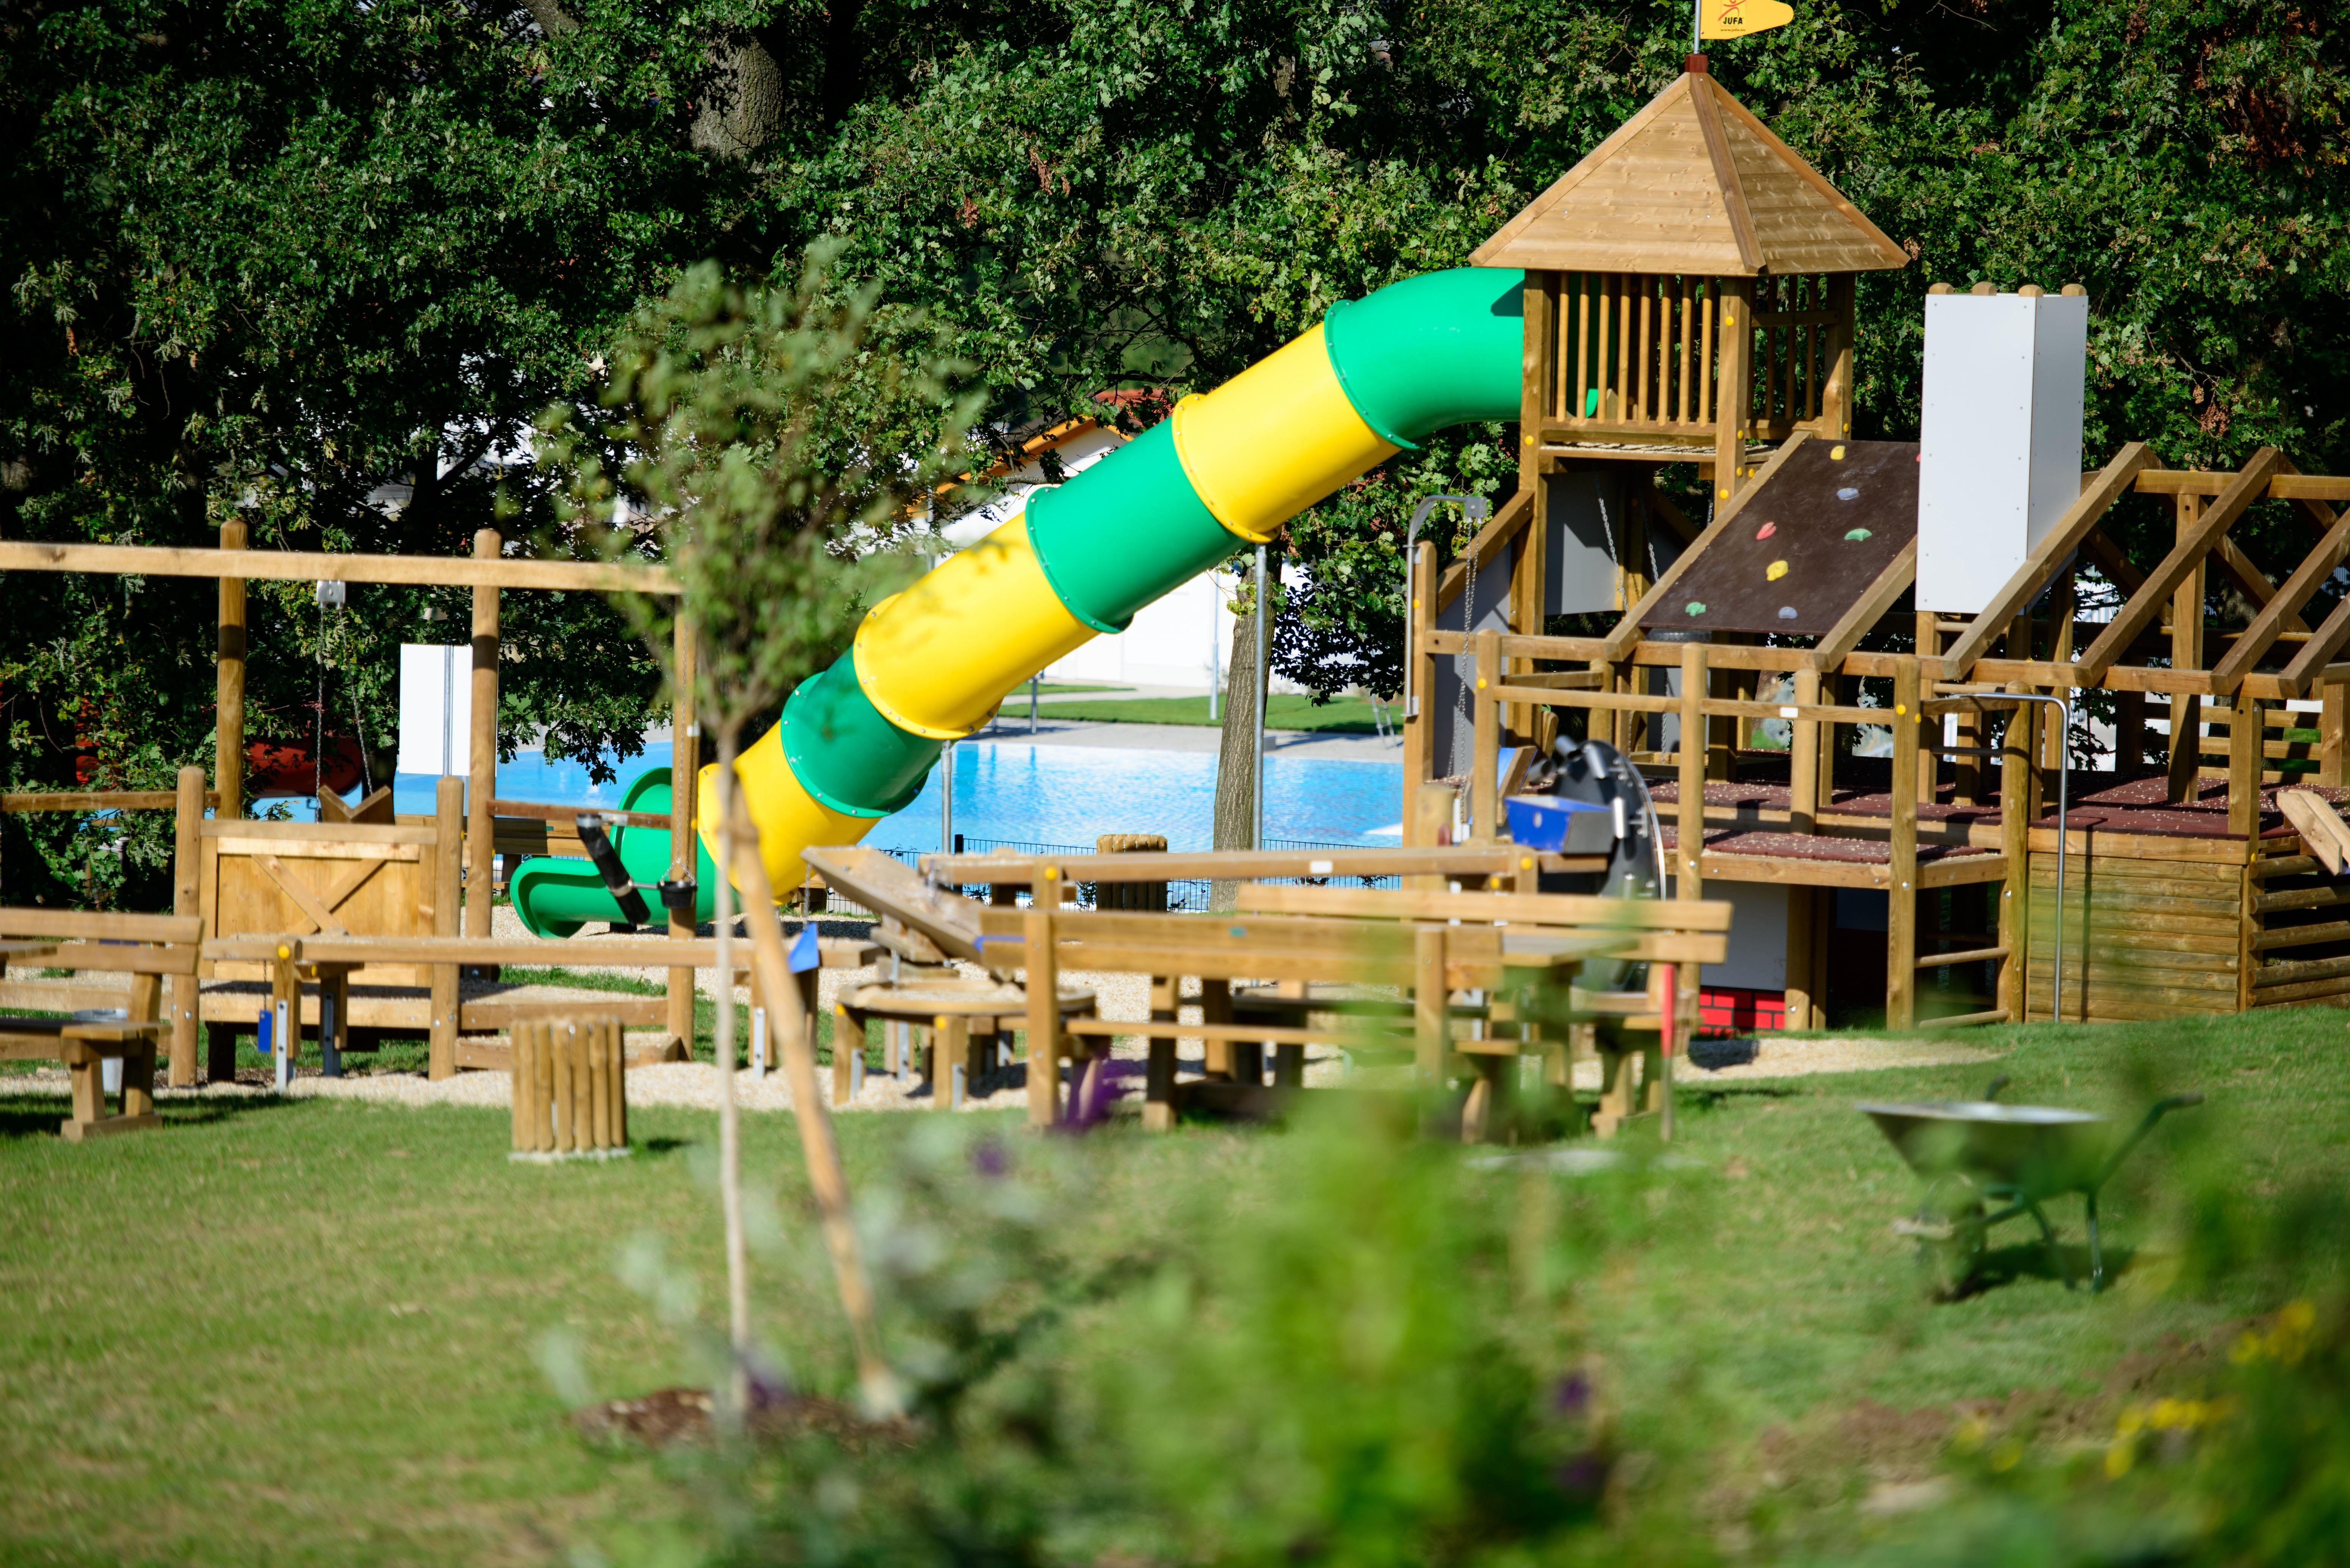 Sie sehnen den Spielplatz mit Holzgeräten und einer Rutsche und Bäumen im Hintergrund beim JUFA Hotel Neutal Landerlebnis. Die Zeit spielend und abwechslungsreich verbringen im JUFA Hotel Neutal - Landerlebnis. Der Ort für erlebnisreichen Natururlaub für die ganze Familie.